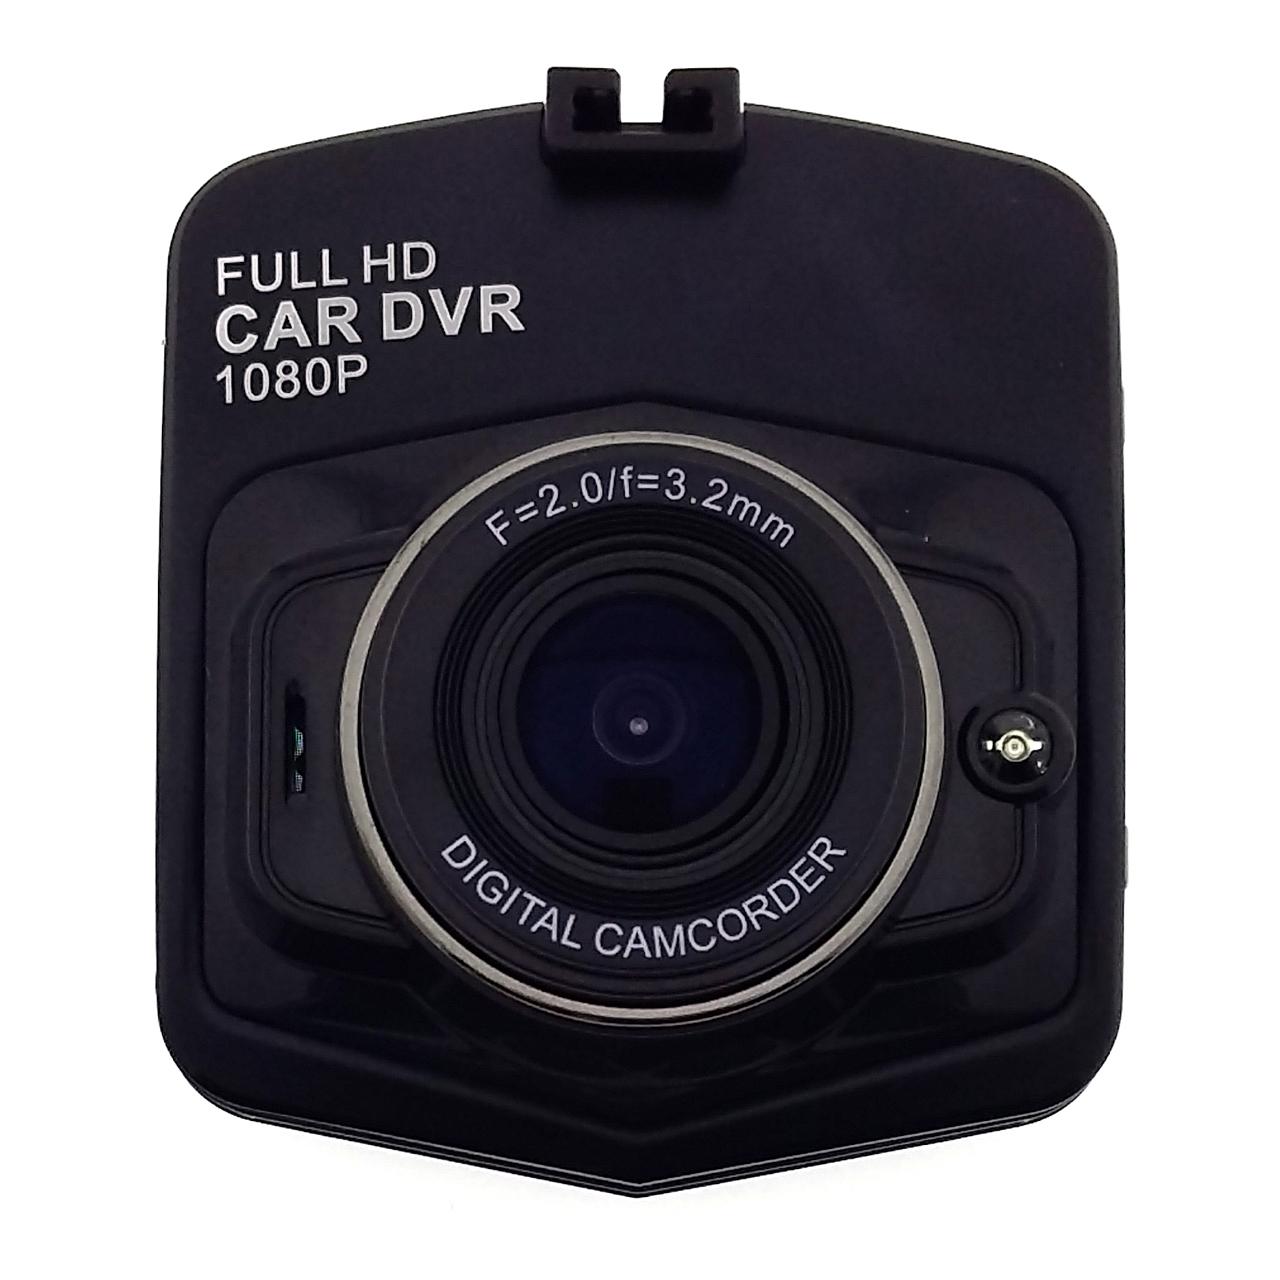 กล้องติดรถยนต์ รุ่น A300 FHD 1080P เลนส์มุมกว้าง 170 องศา สีดำ